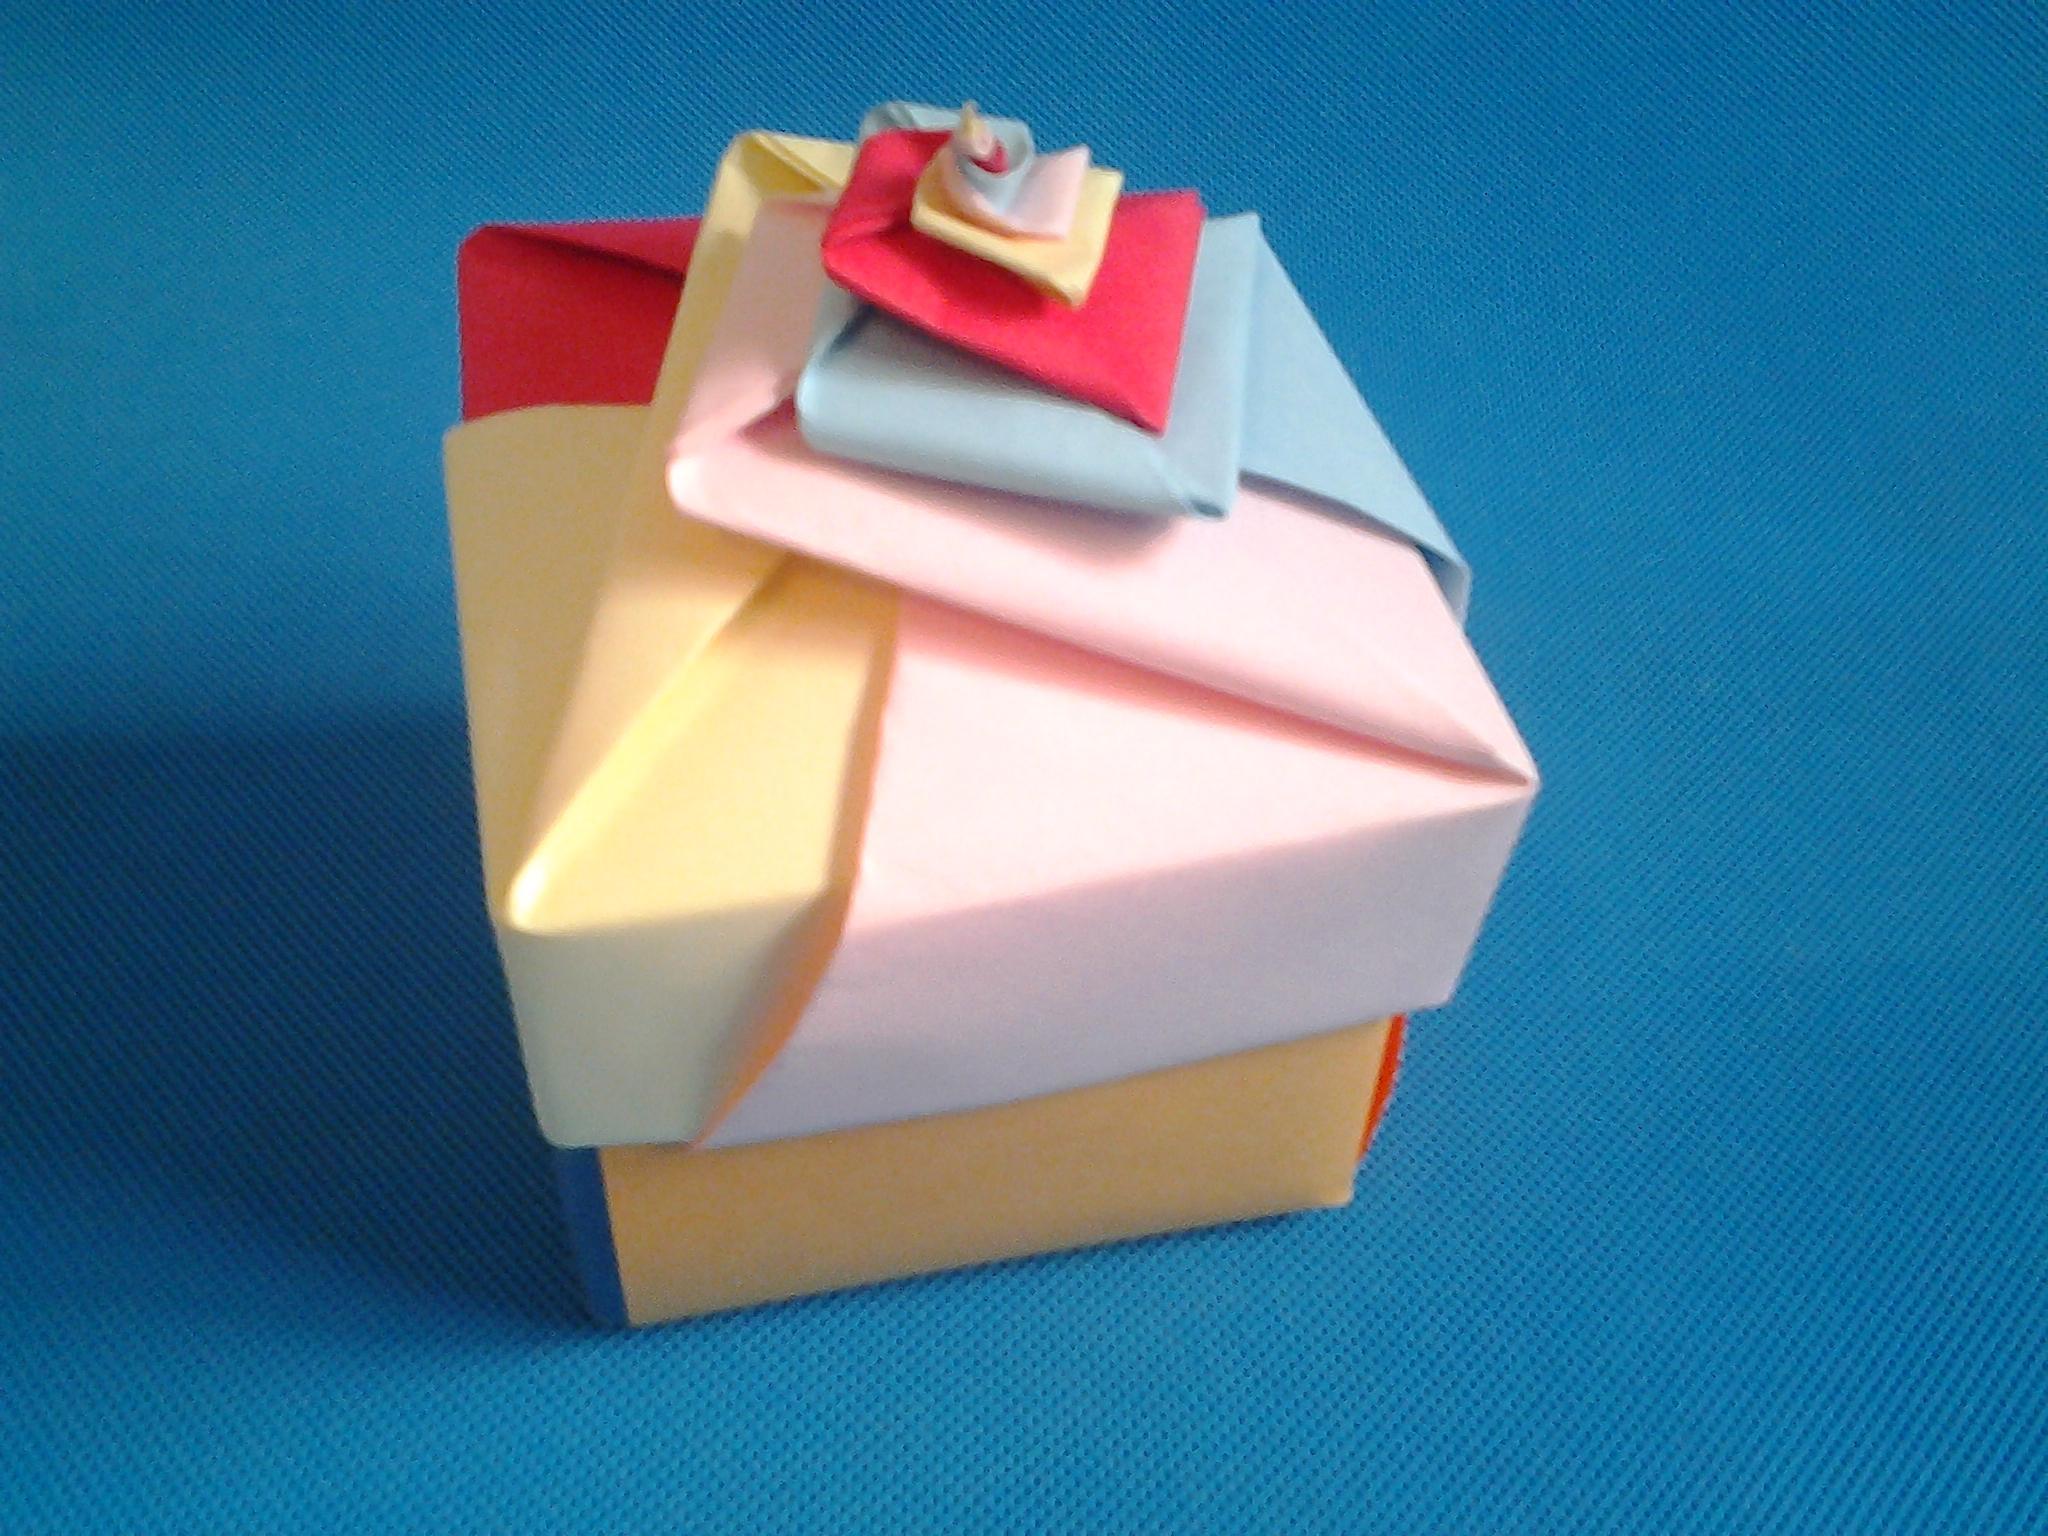 折纸王子教你折纸礼盒 圣诞节平安果包装礼盒折纸-折纸大全-折纸.